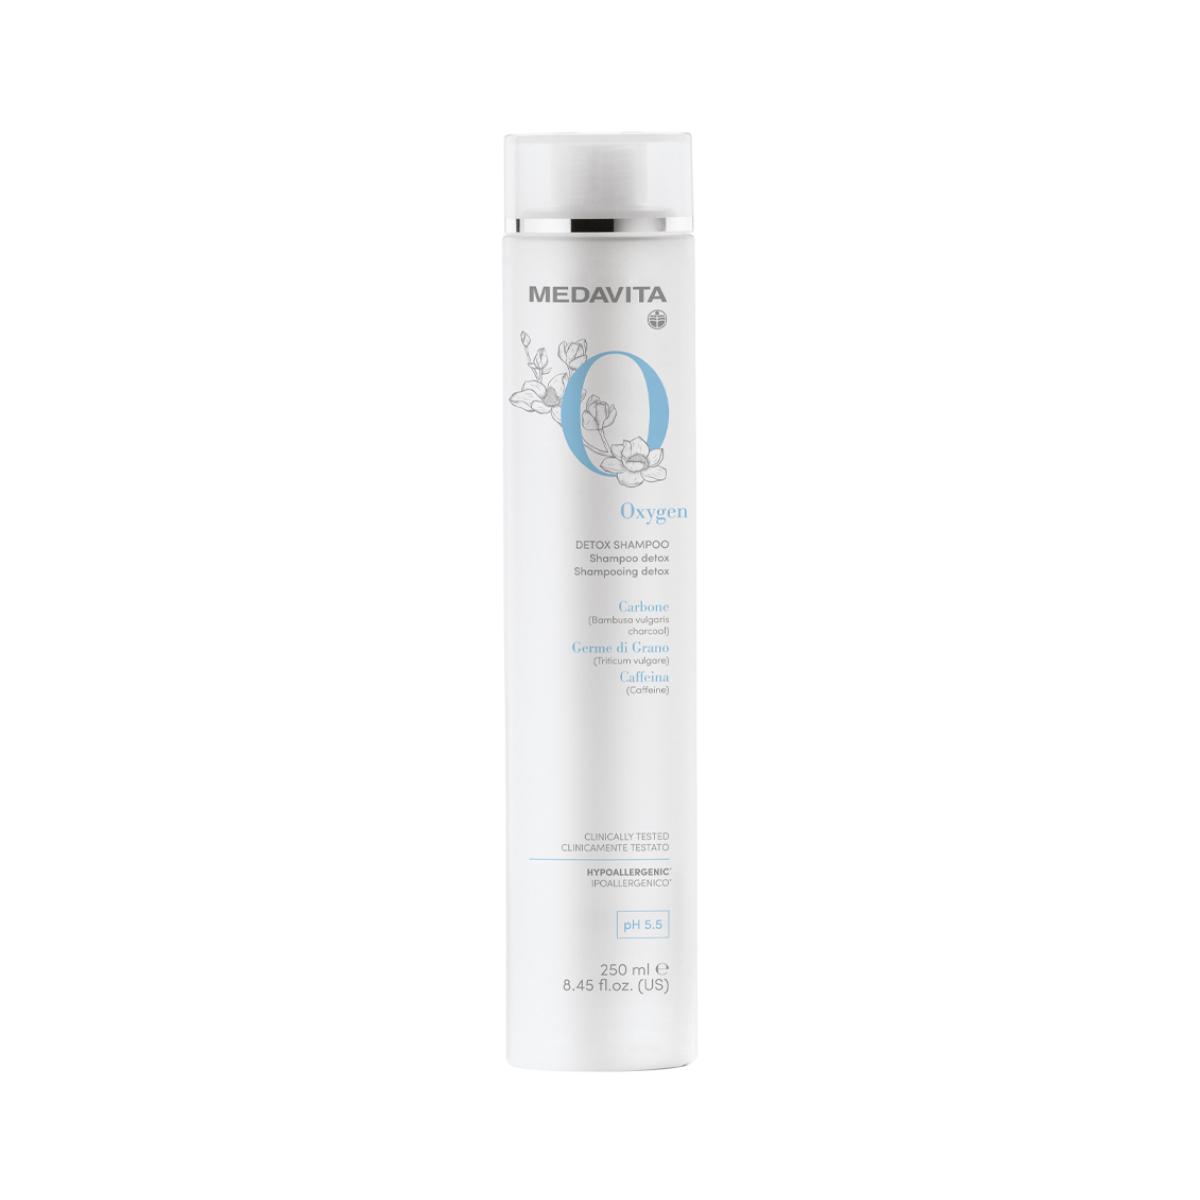 MEDAVITA Oxygen Detox Shampoo 250ml - Szampon detoksykujący, oczyszczający do każdego rodzaju włosów